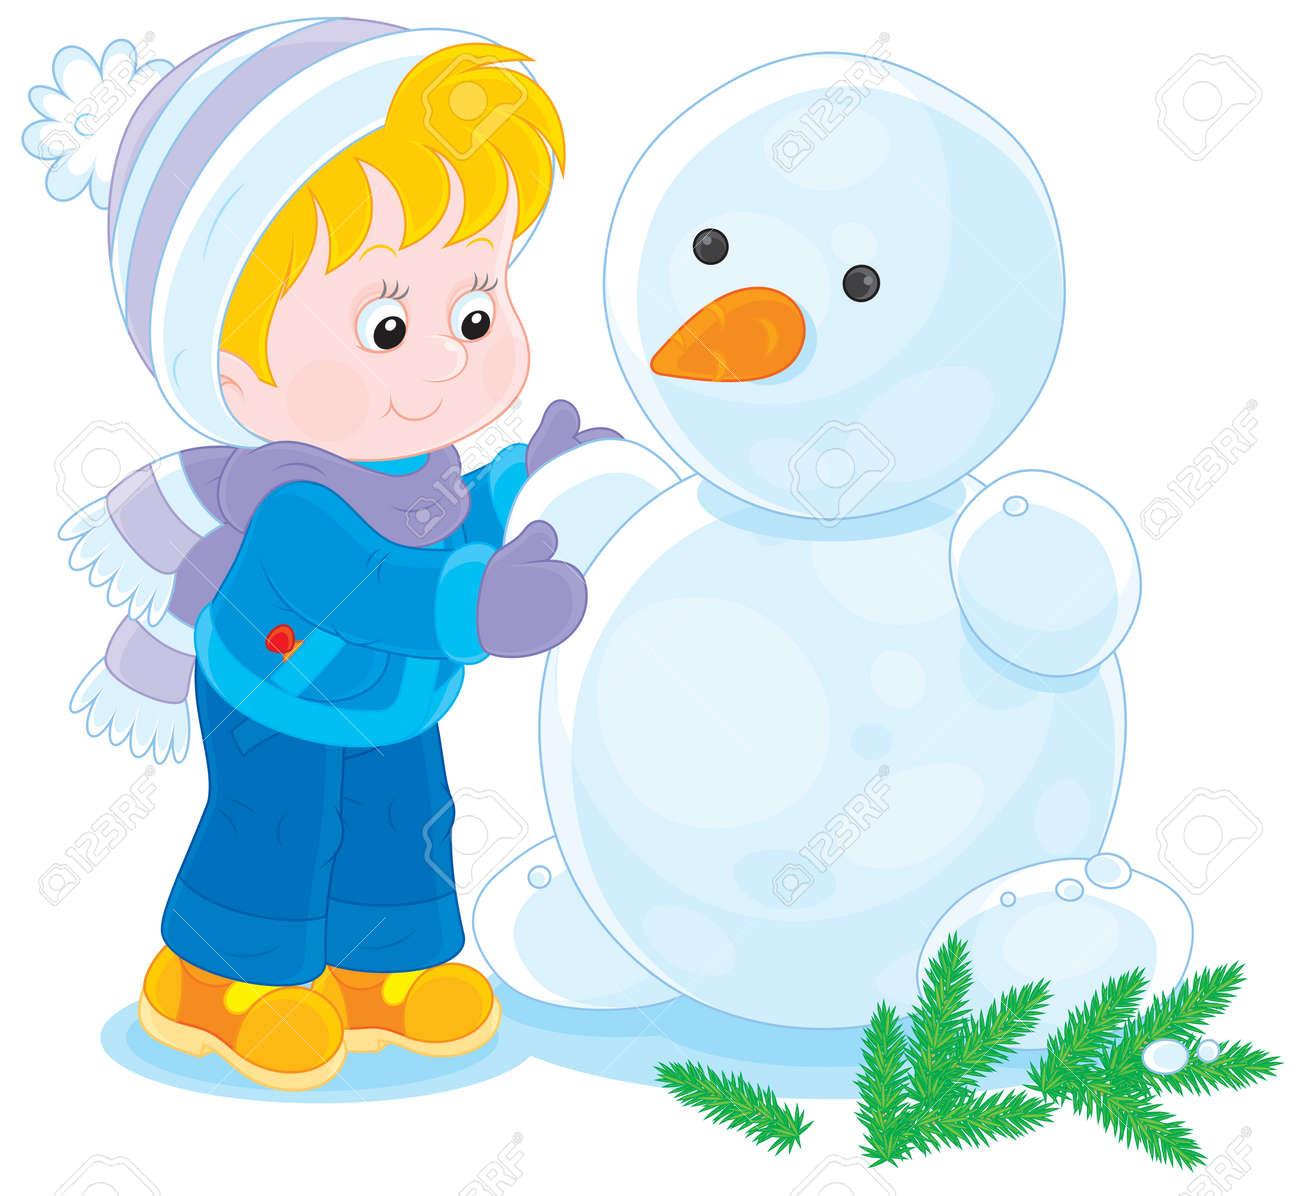 Niño O Niña Haciendo Un Muñeco De Nieve Divertido Ilustraciones Vectoriales Clip Art Vectorizado Libre De Derechos Image 24259886